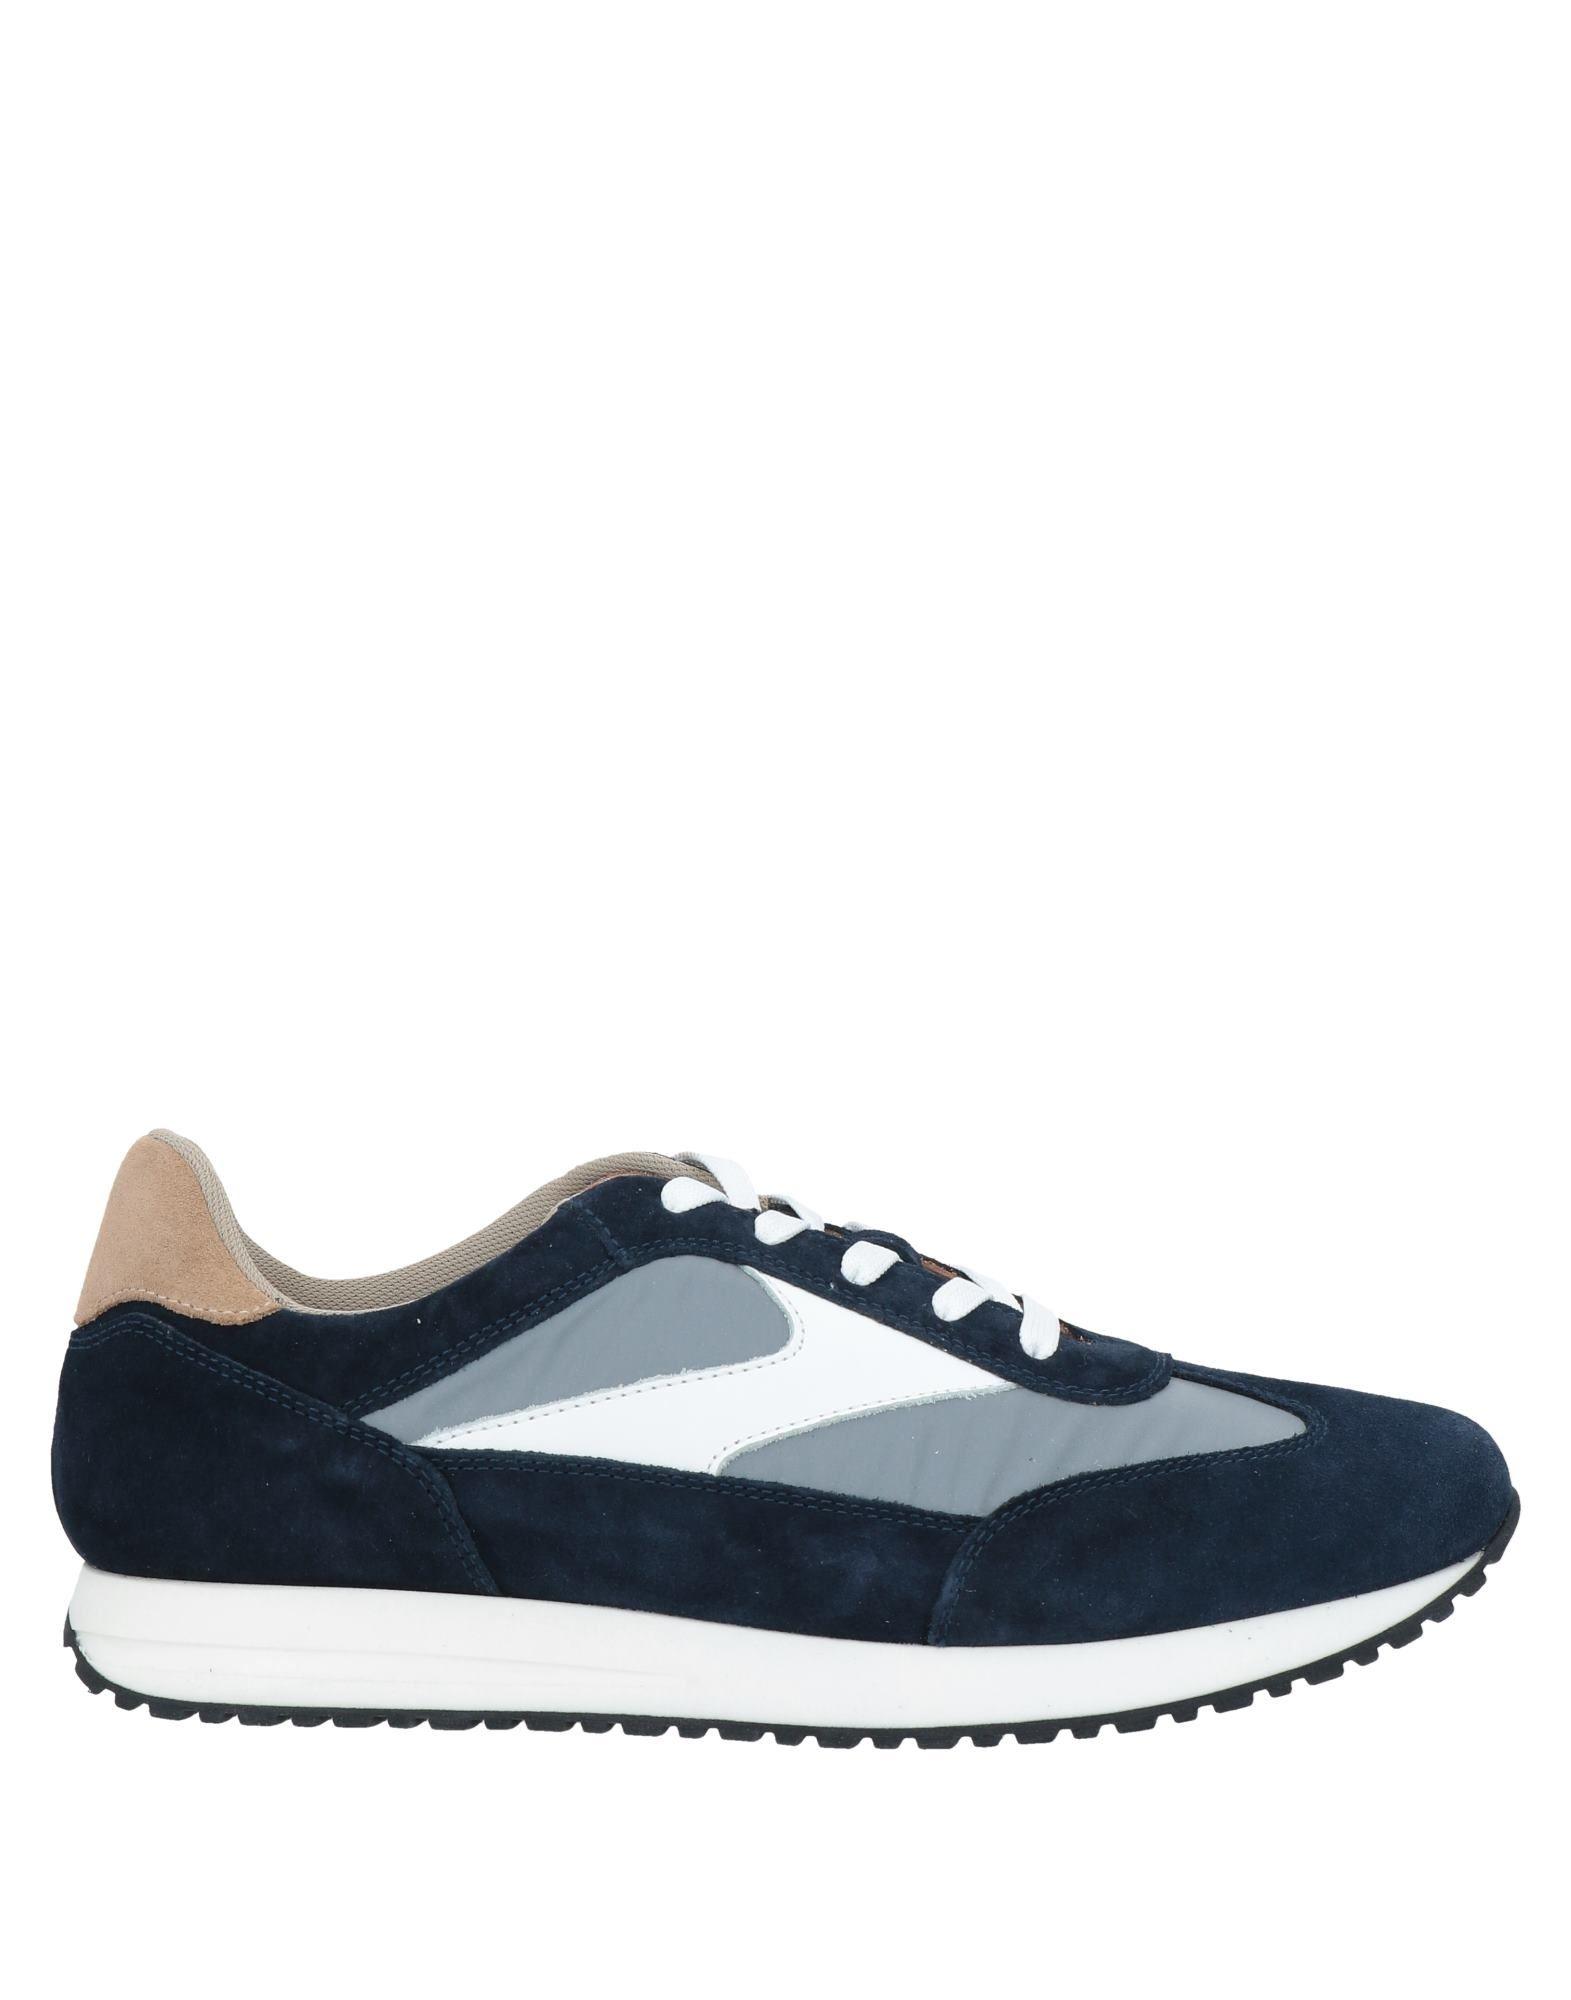 PAUL & SHARK Low-tops & sneakers - Item 11990091